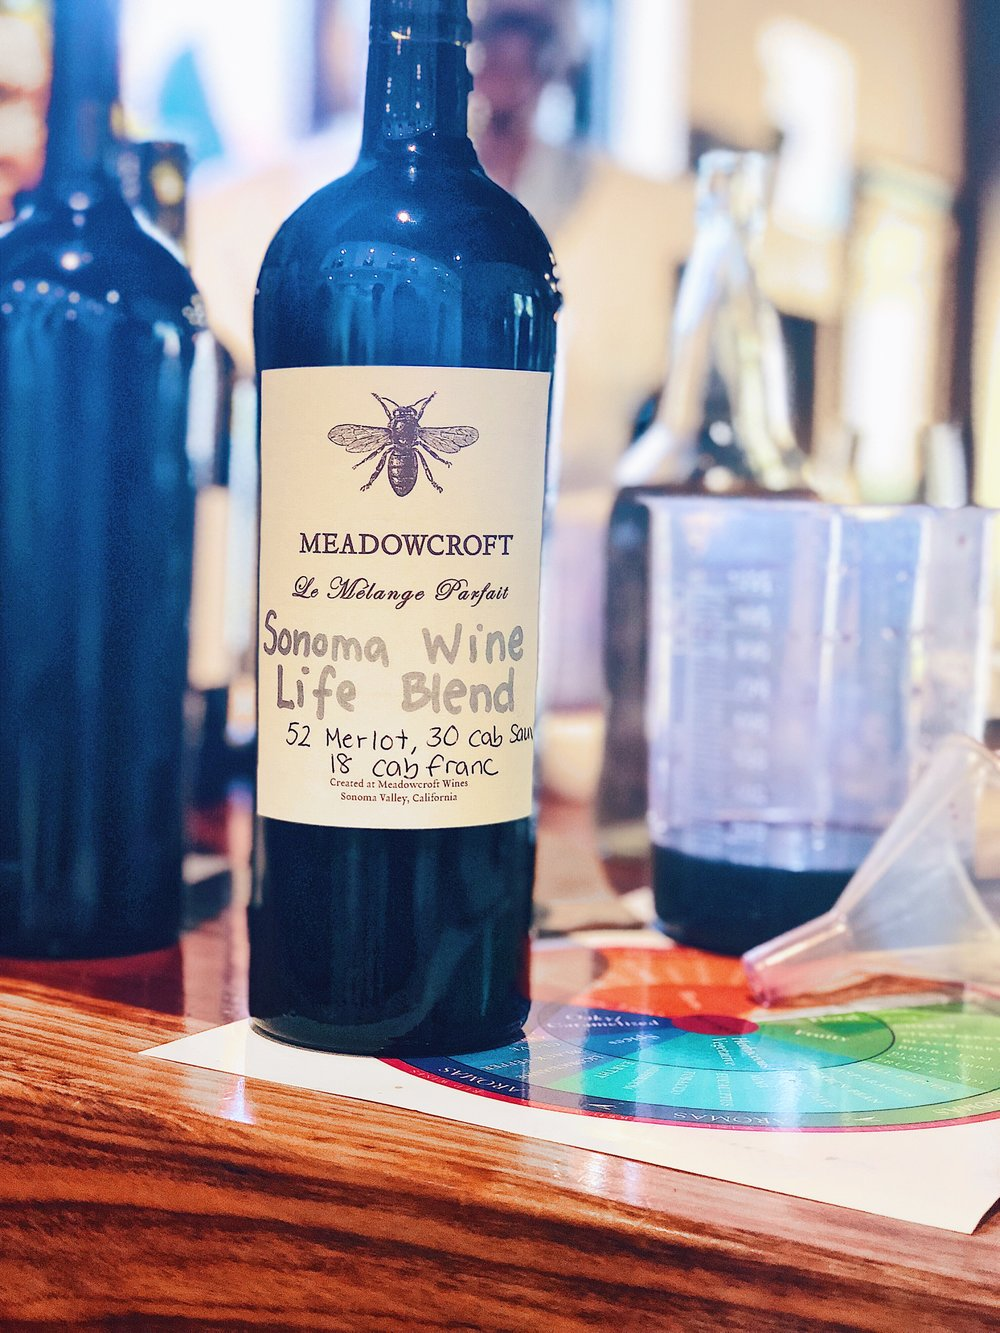 Meadowcroft Wine